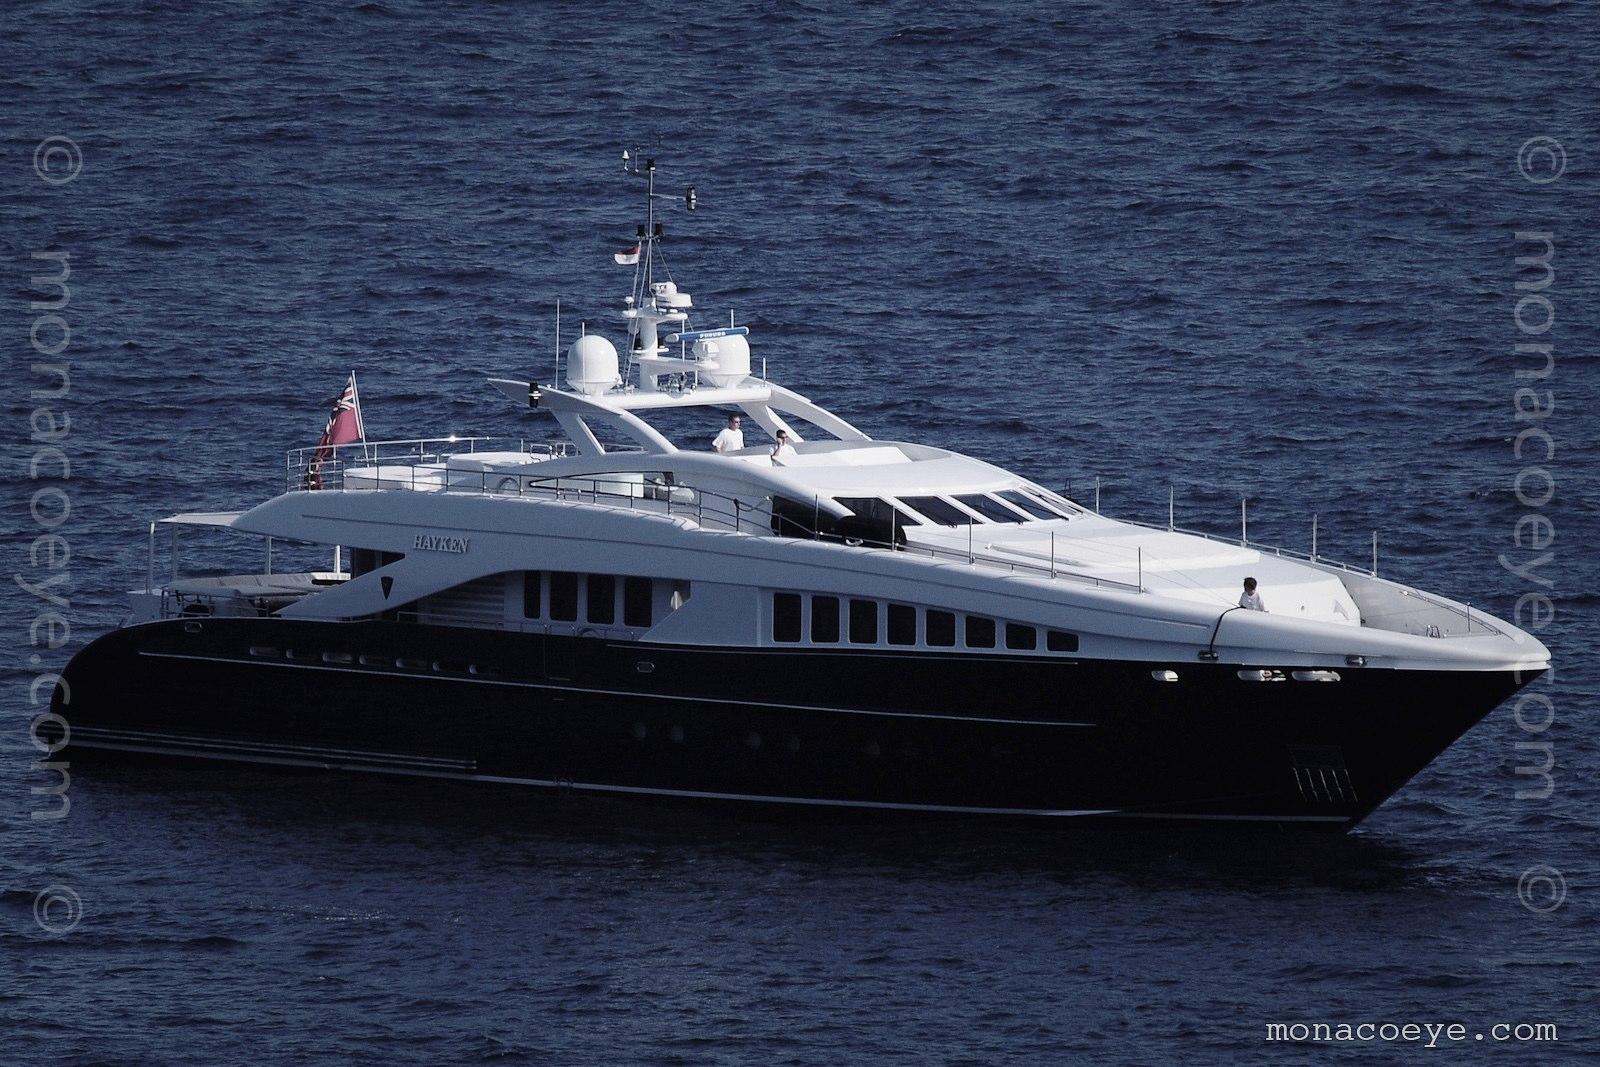 Hayken, yacht from Heesen. Build number 12337, 2005, 37 metres. Ex Seascape